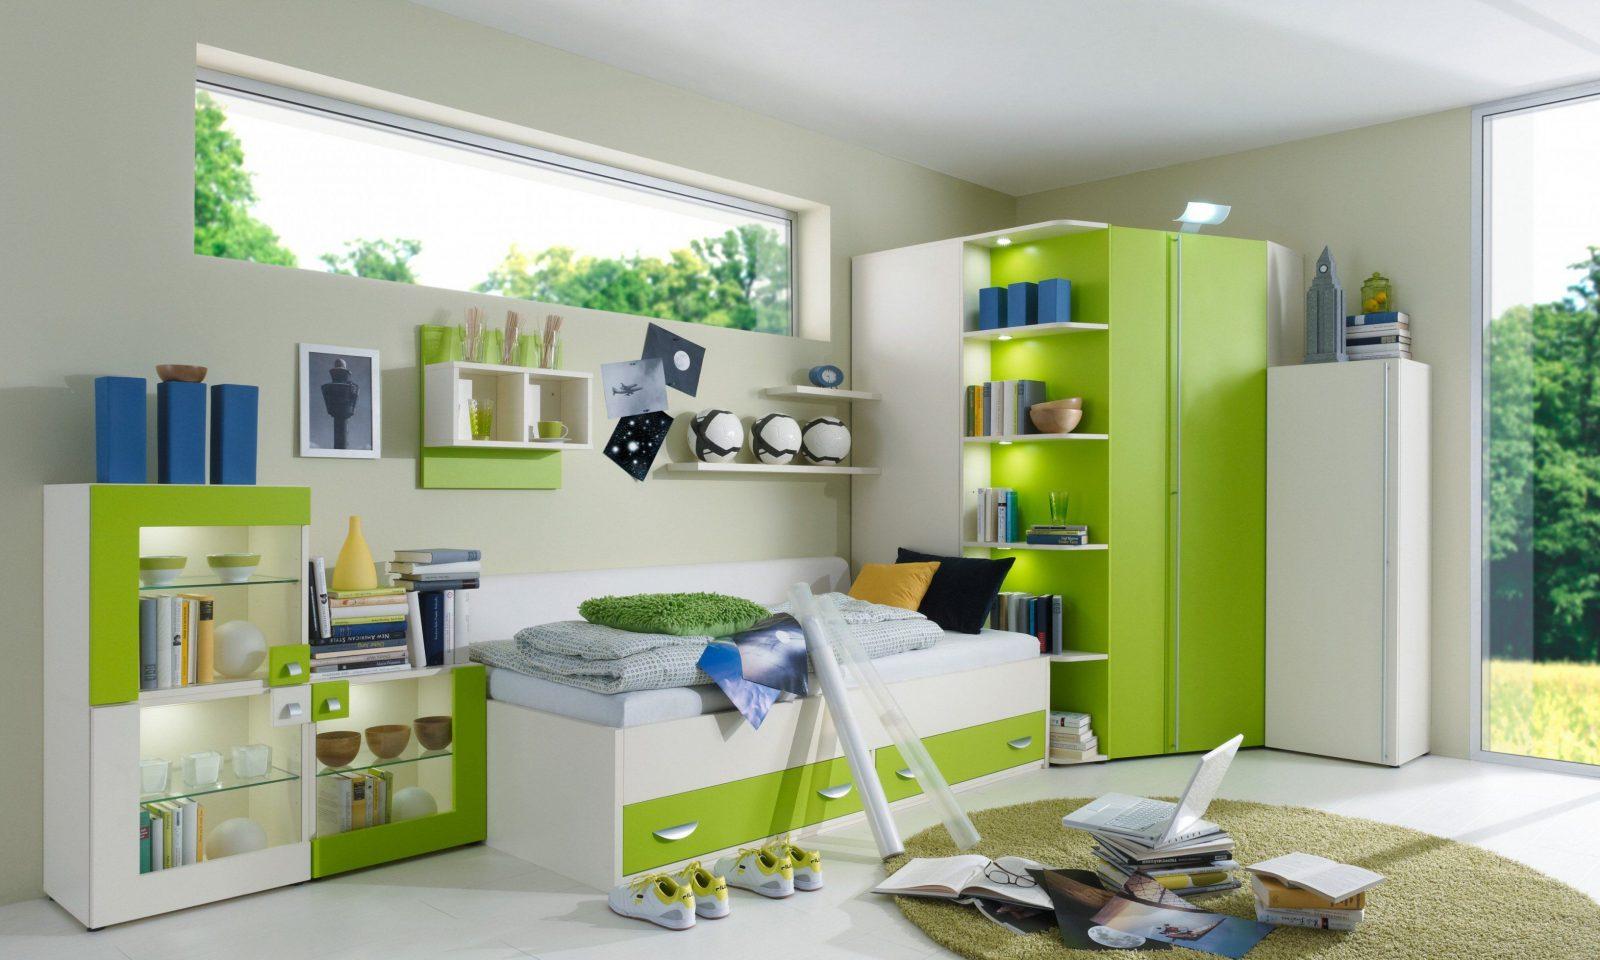 Kühlschrank Jugendzimmer : Bild einrichtungsideen jugendzimmer house design